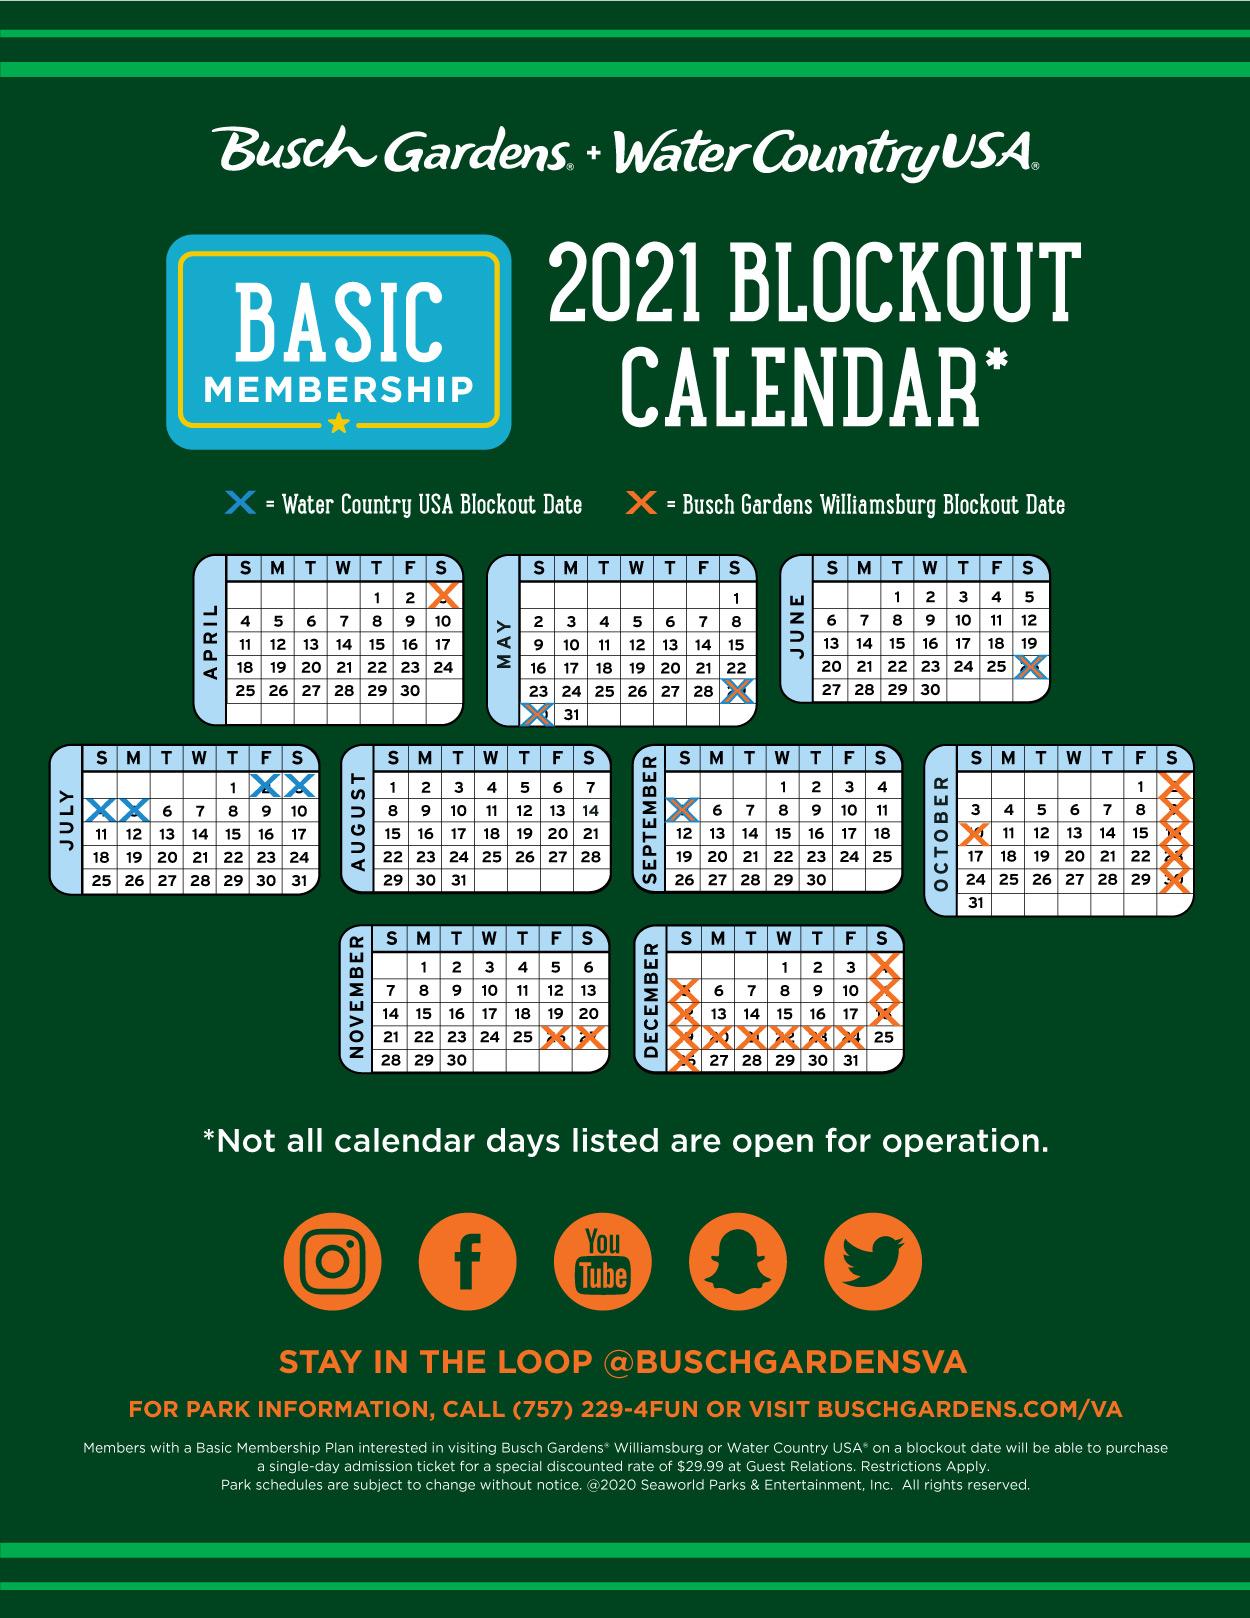 2021 Basic Membership Blockout Dates